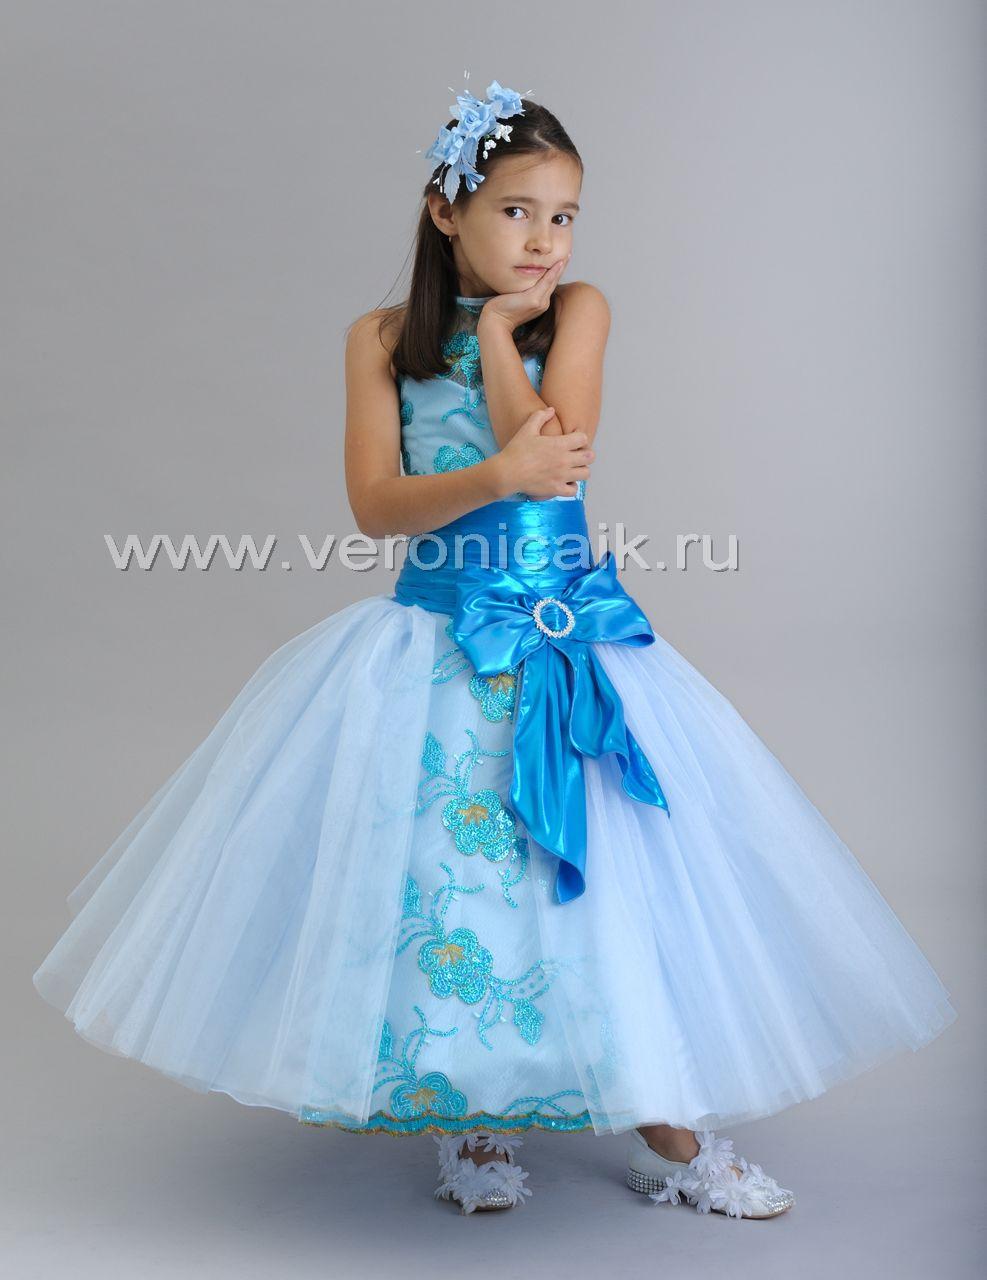 Трахнули в бальном платье 14 фотография